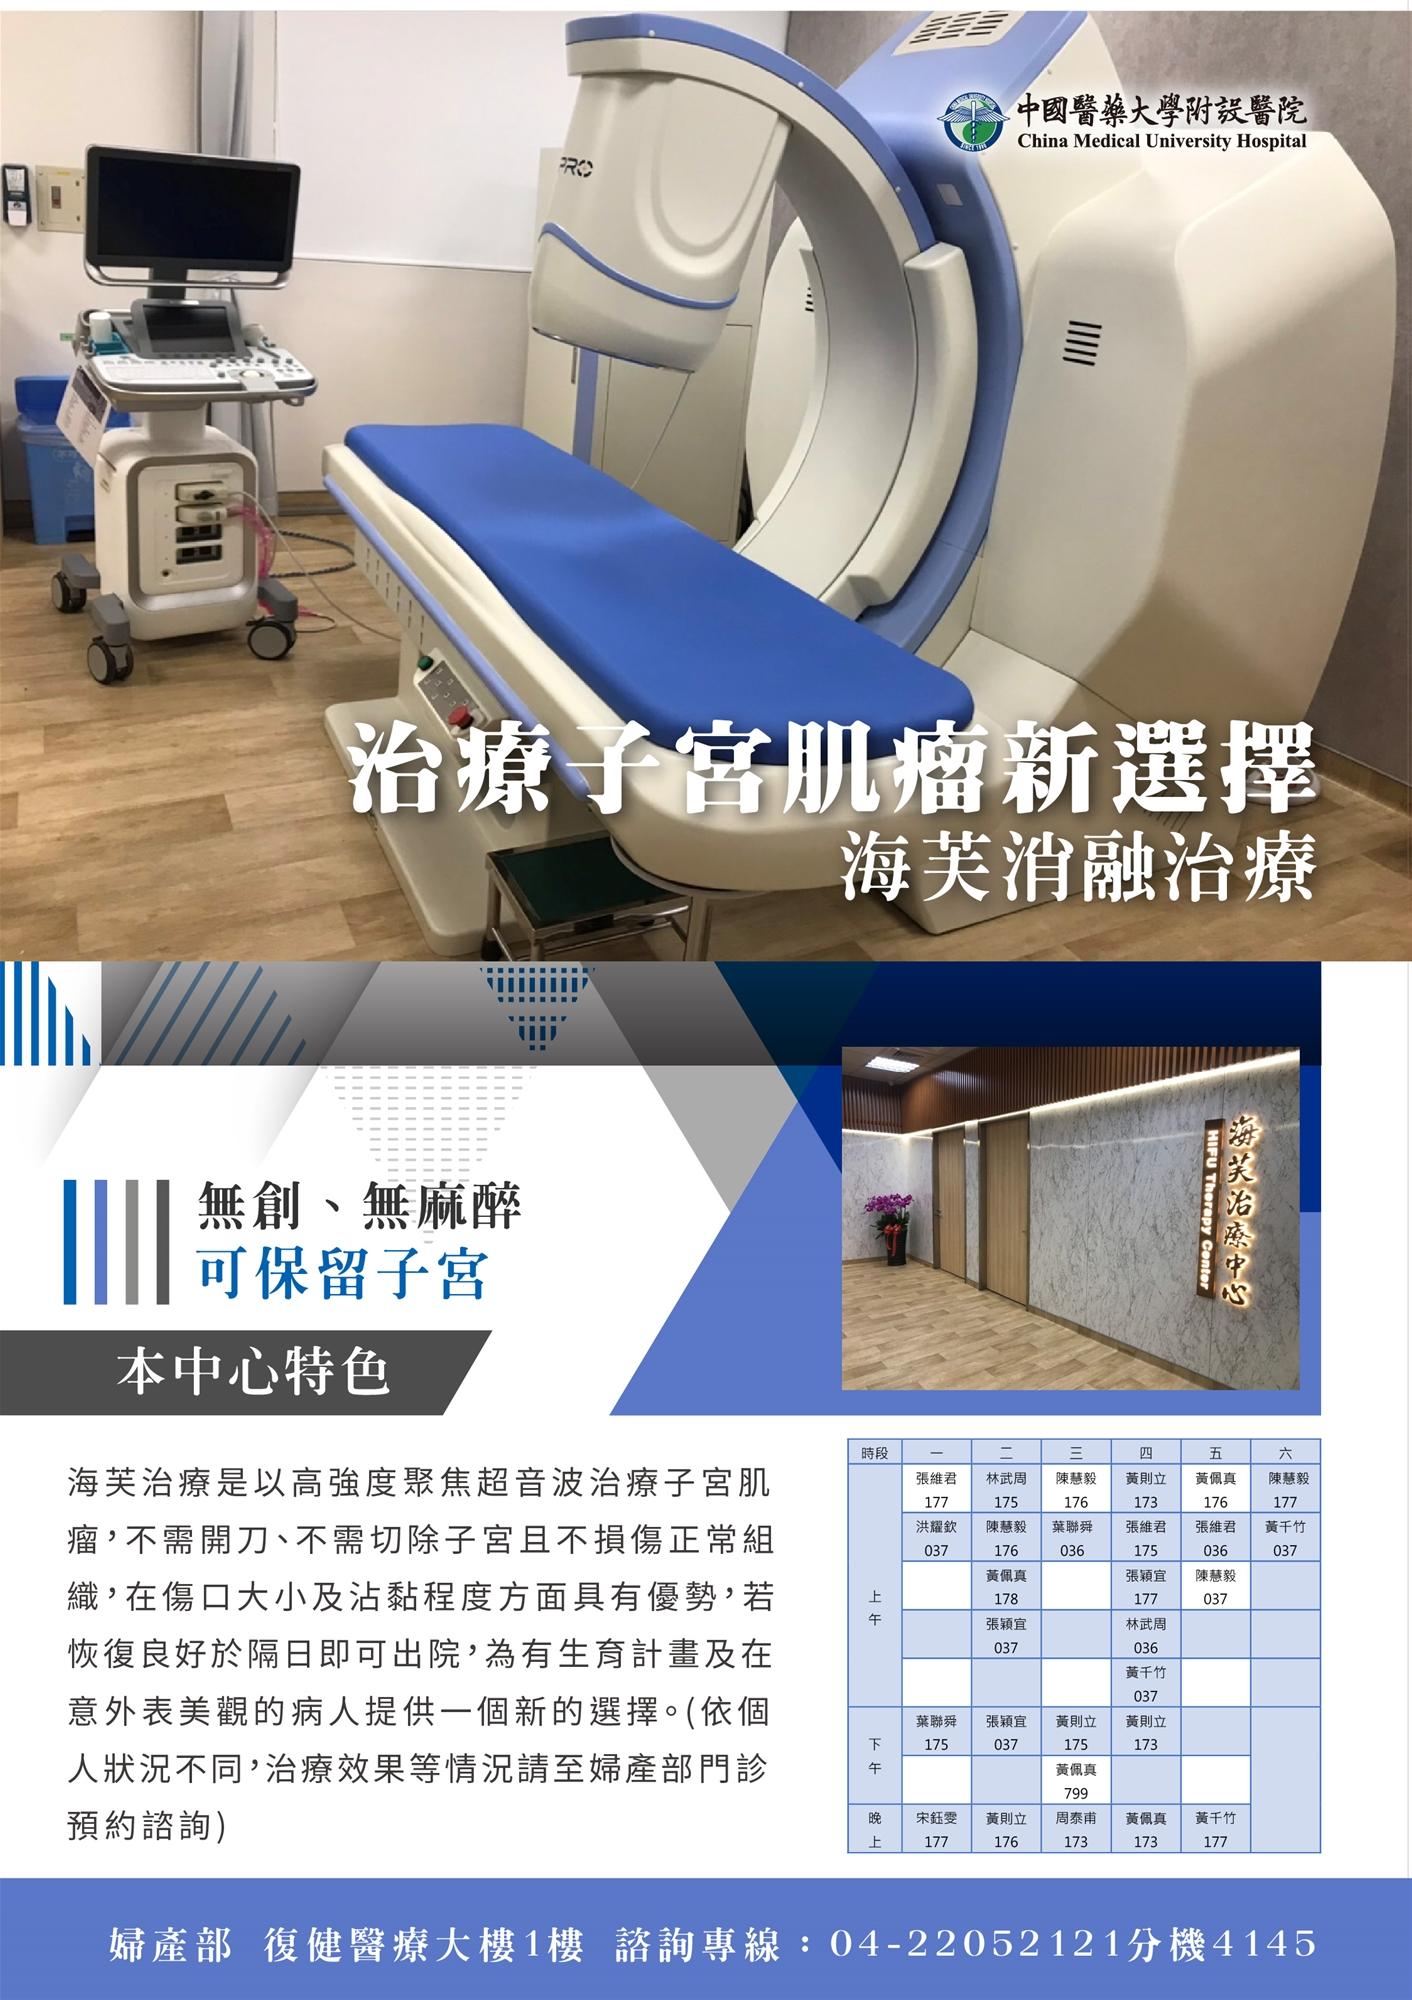 治療子宮肌瘤新選擇-海芙消融治療